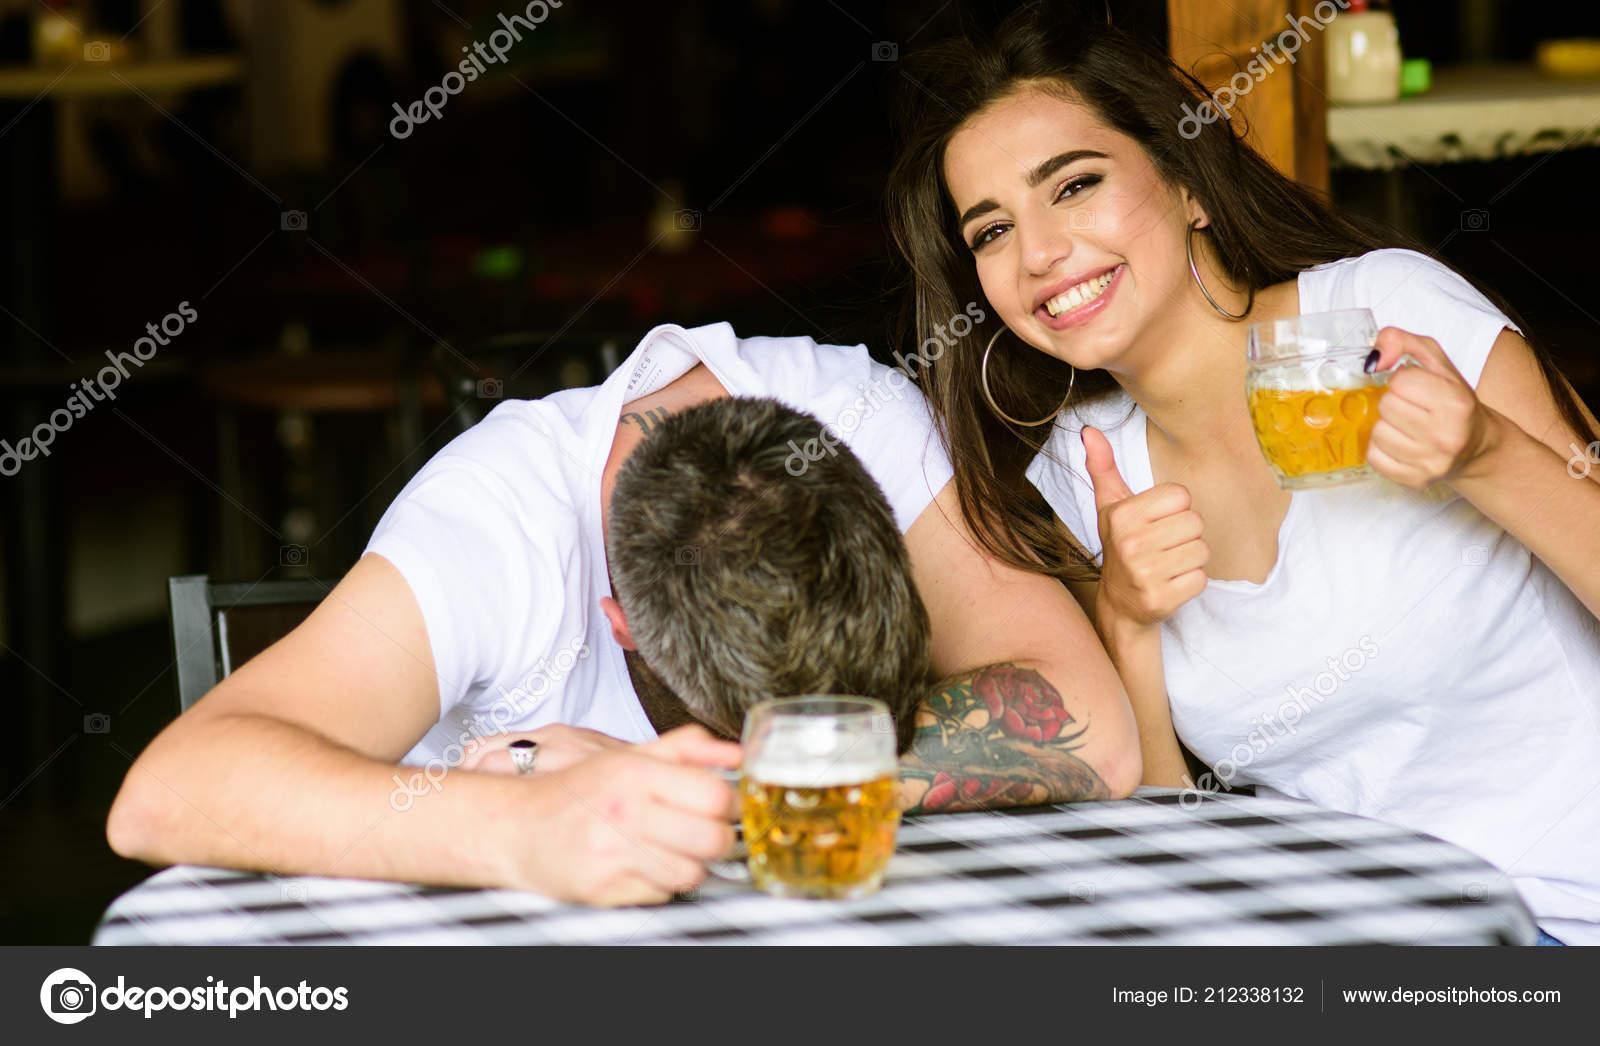 trust matchmaking csgo reddit